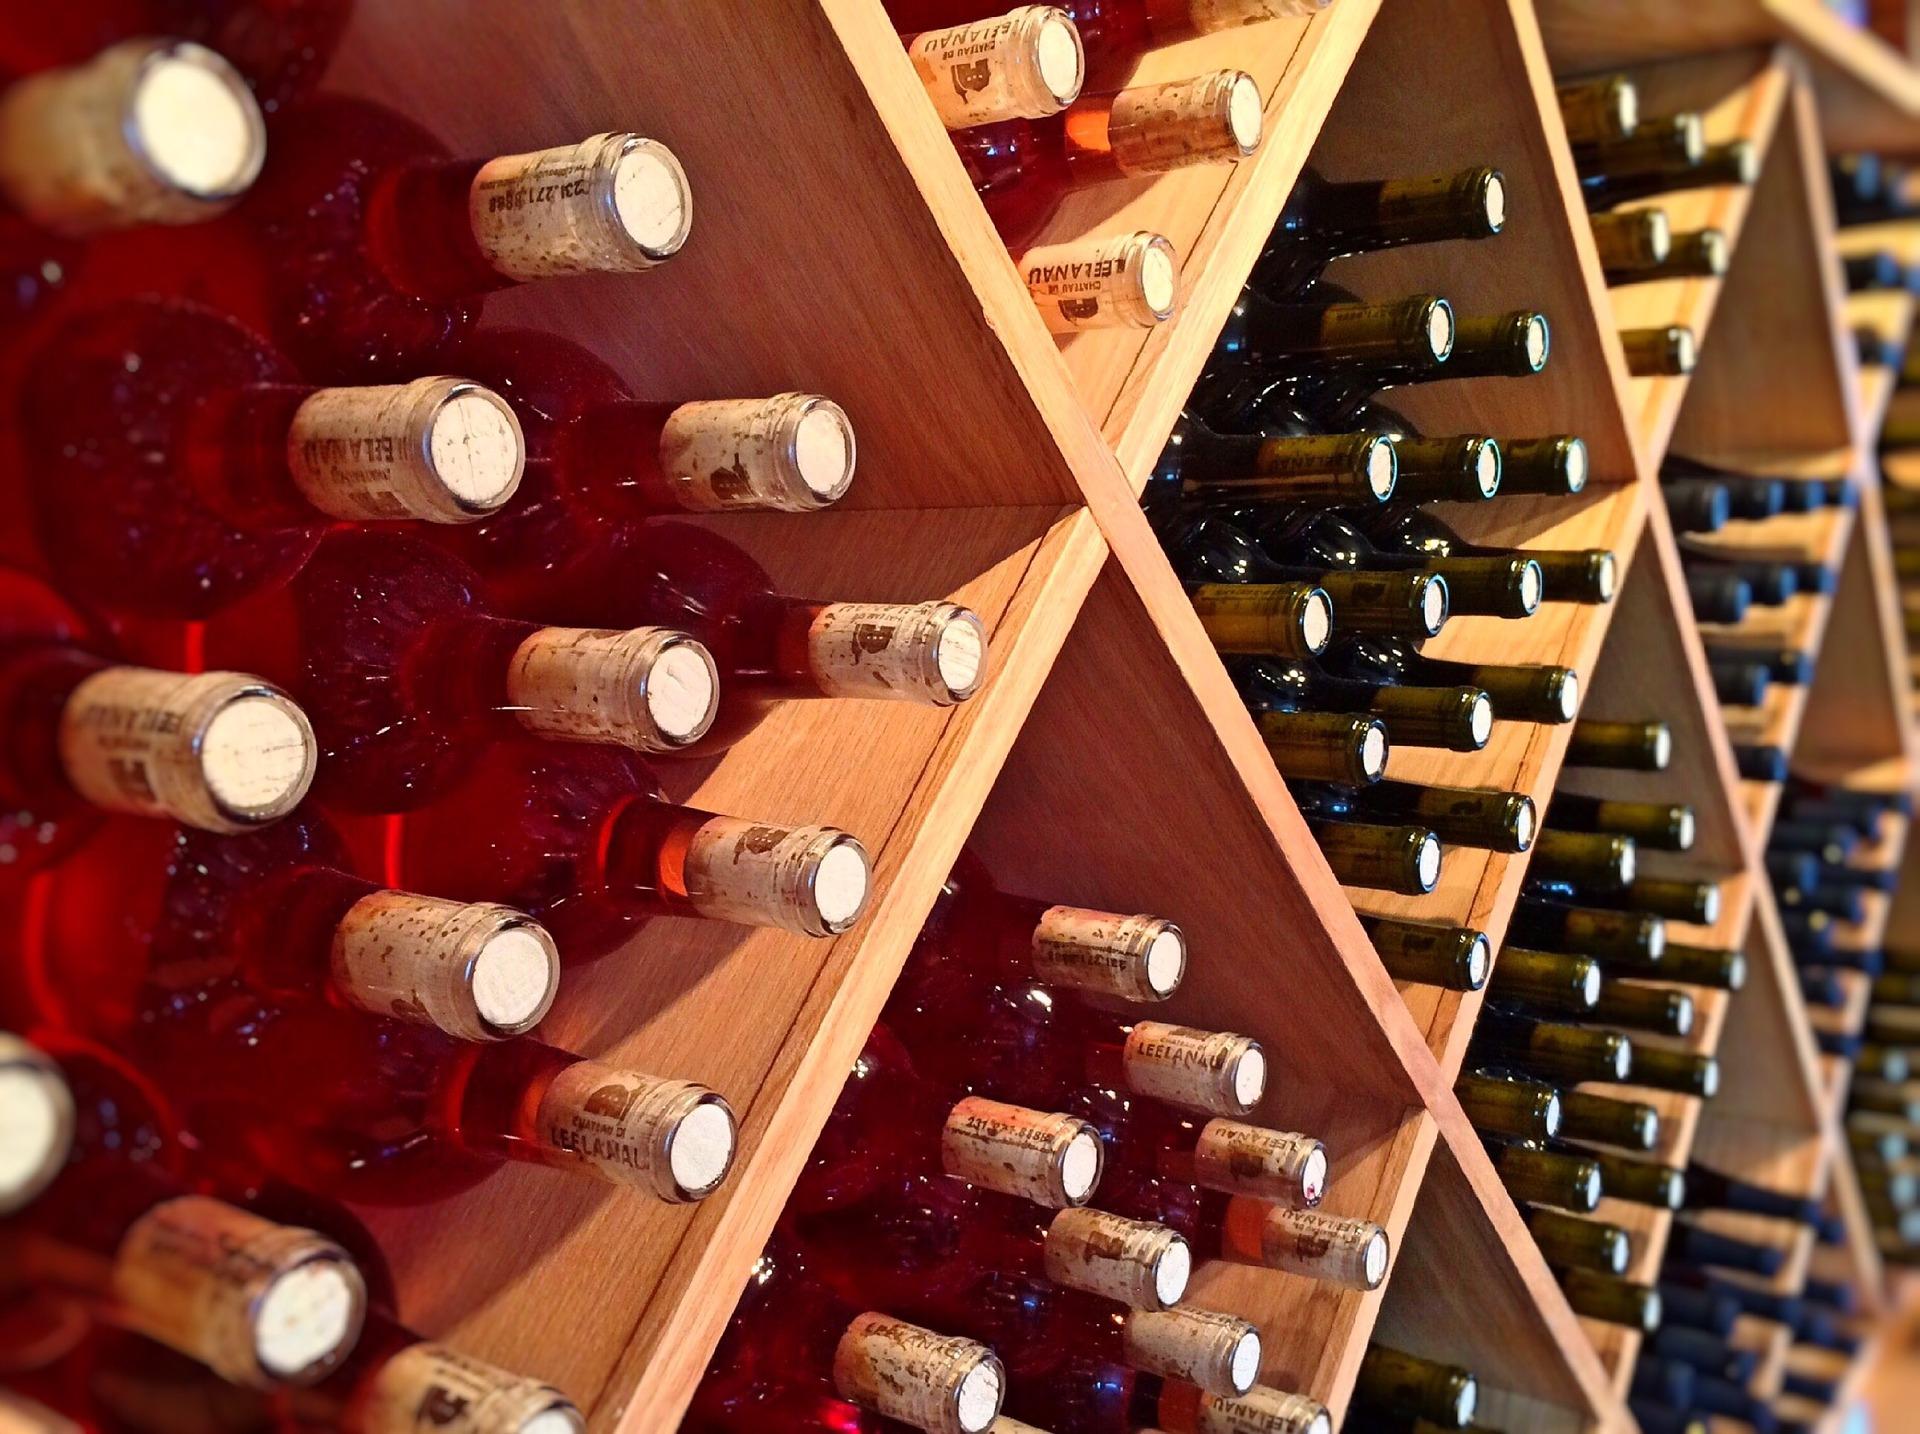 Cómo se conserva correctamente el vino en casa? | Vivanco